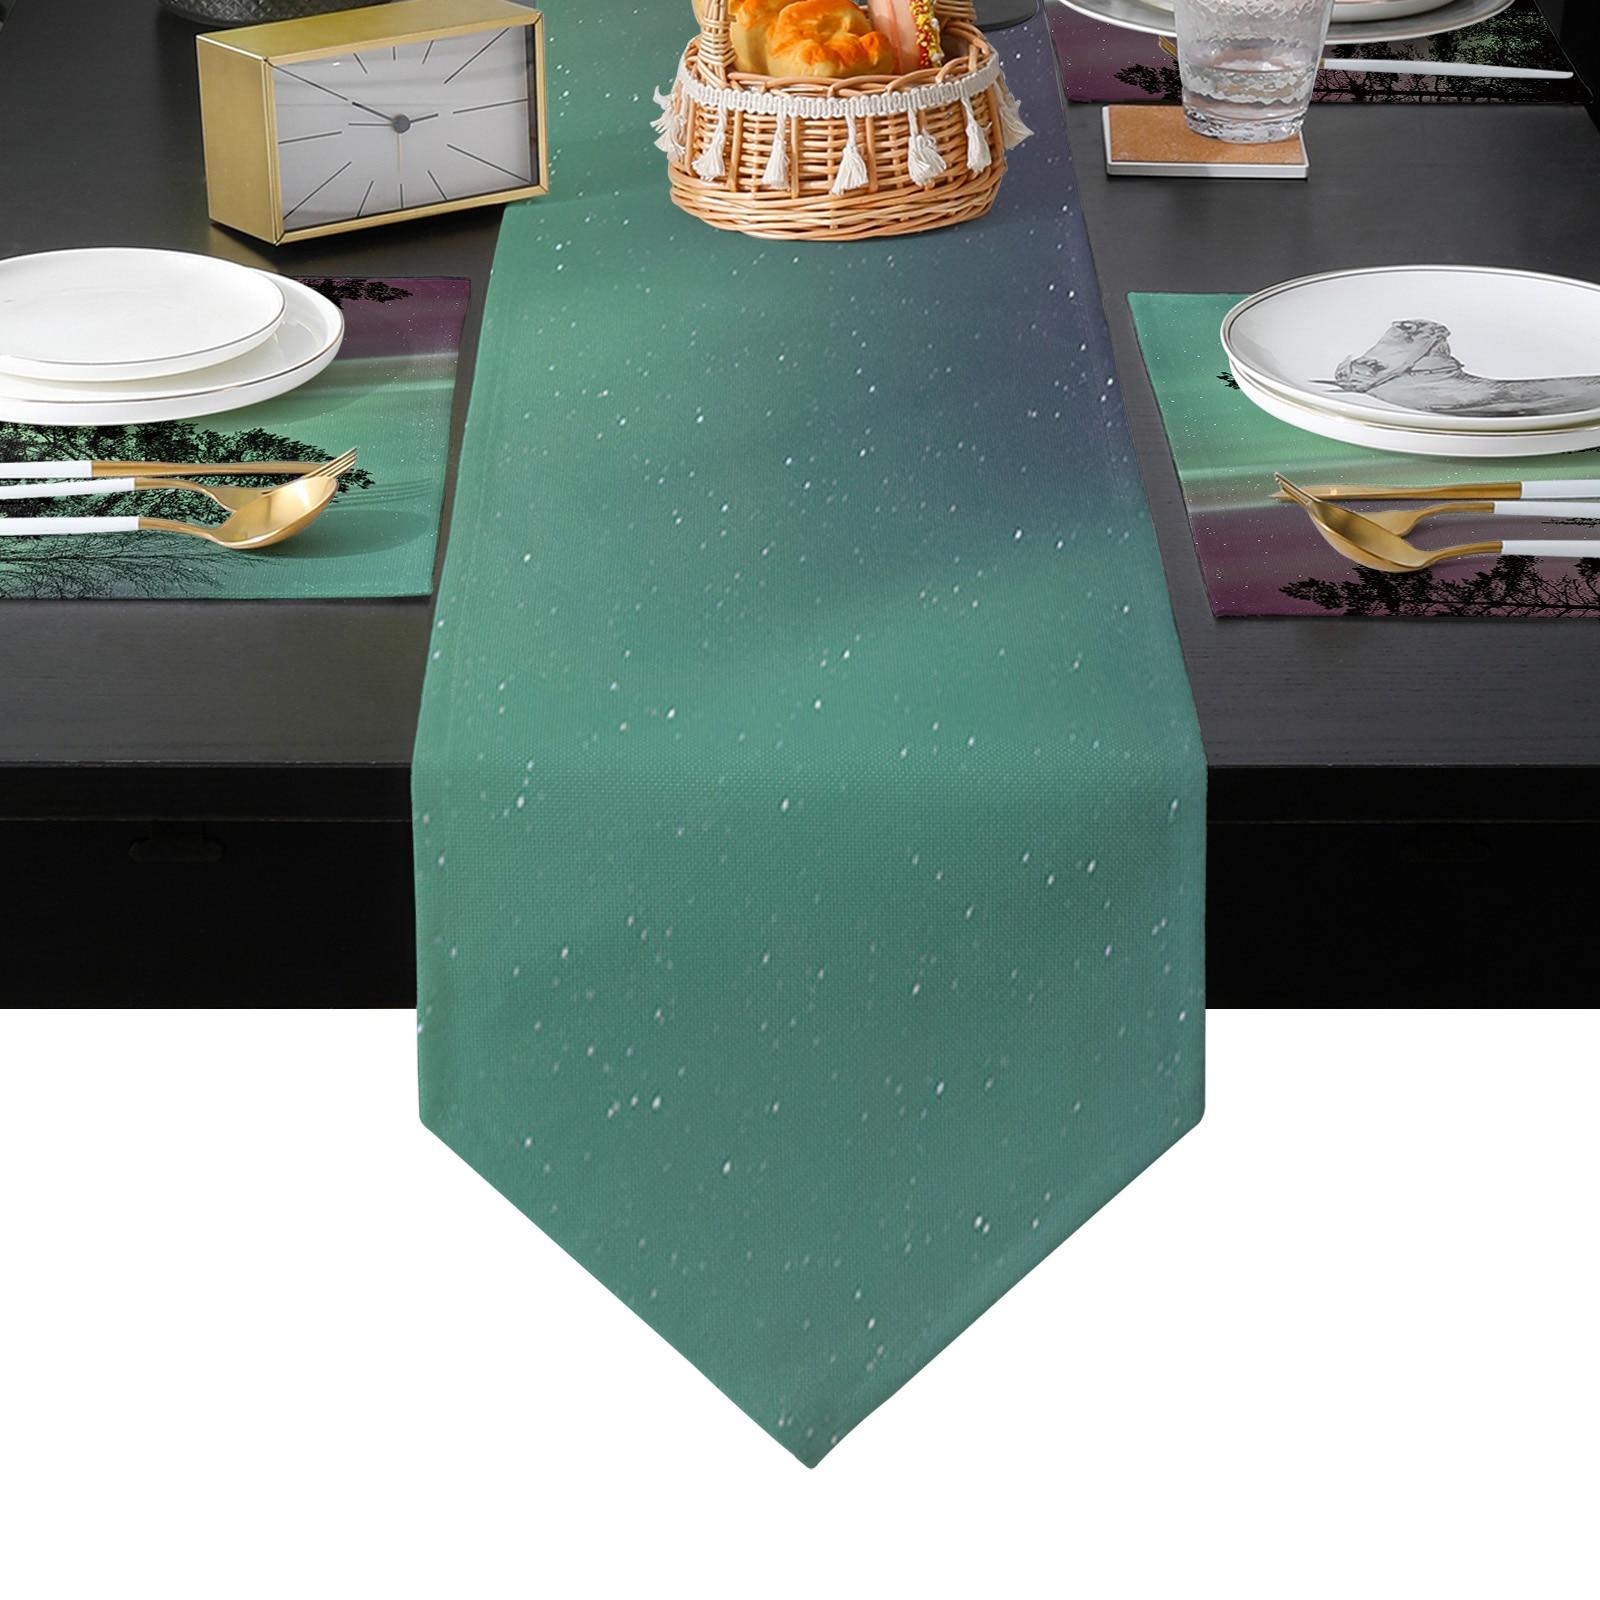 أورورا مشهد الجدول عداء الجدول الحصير غطاء للمنزل الزفاف مأدبة مهرجان حفلة التموين فندق الجدول الديكور